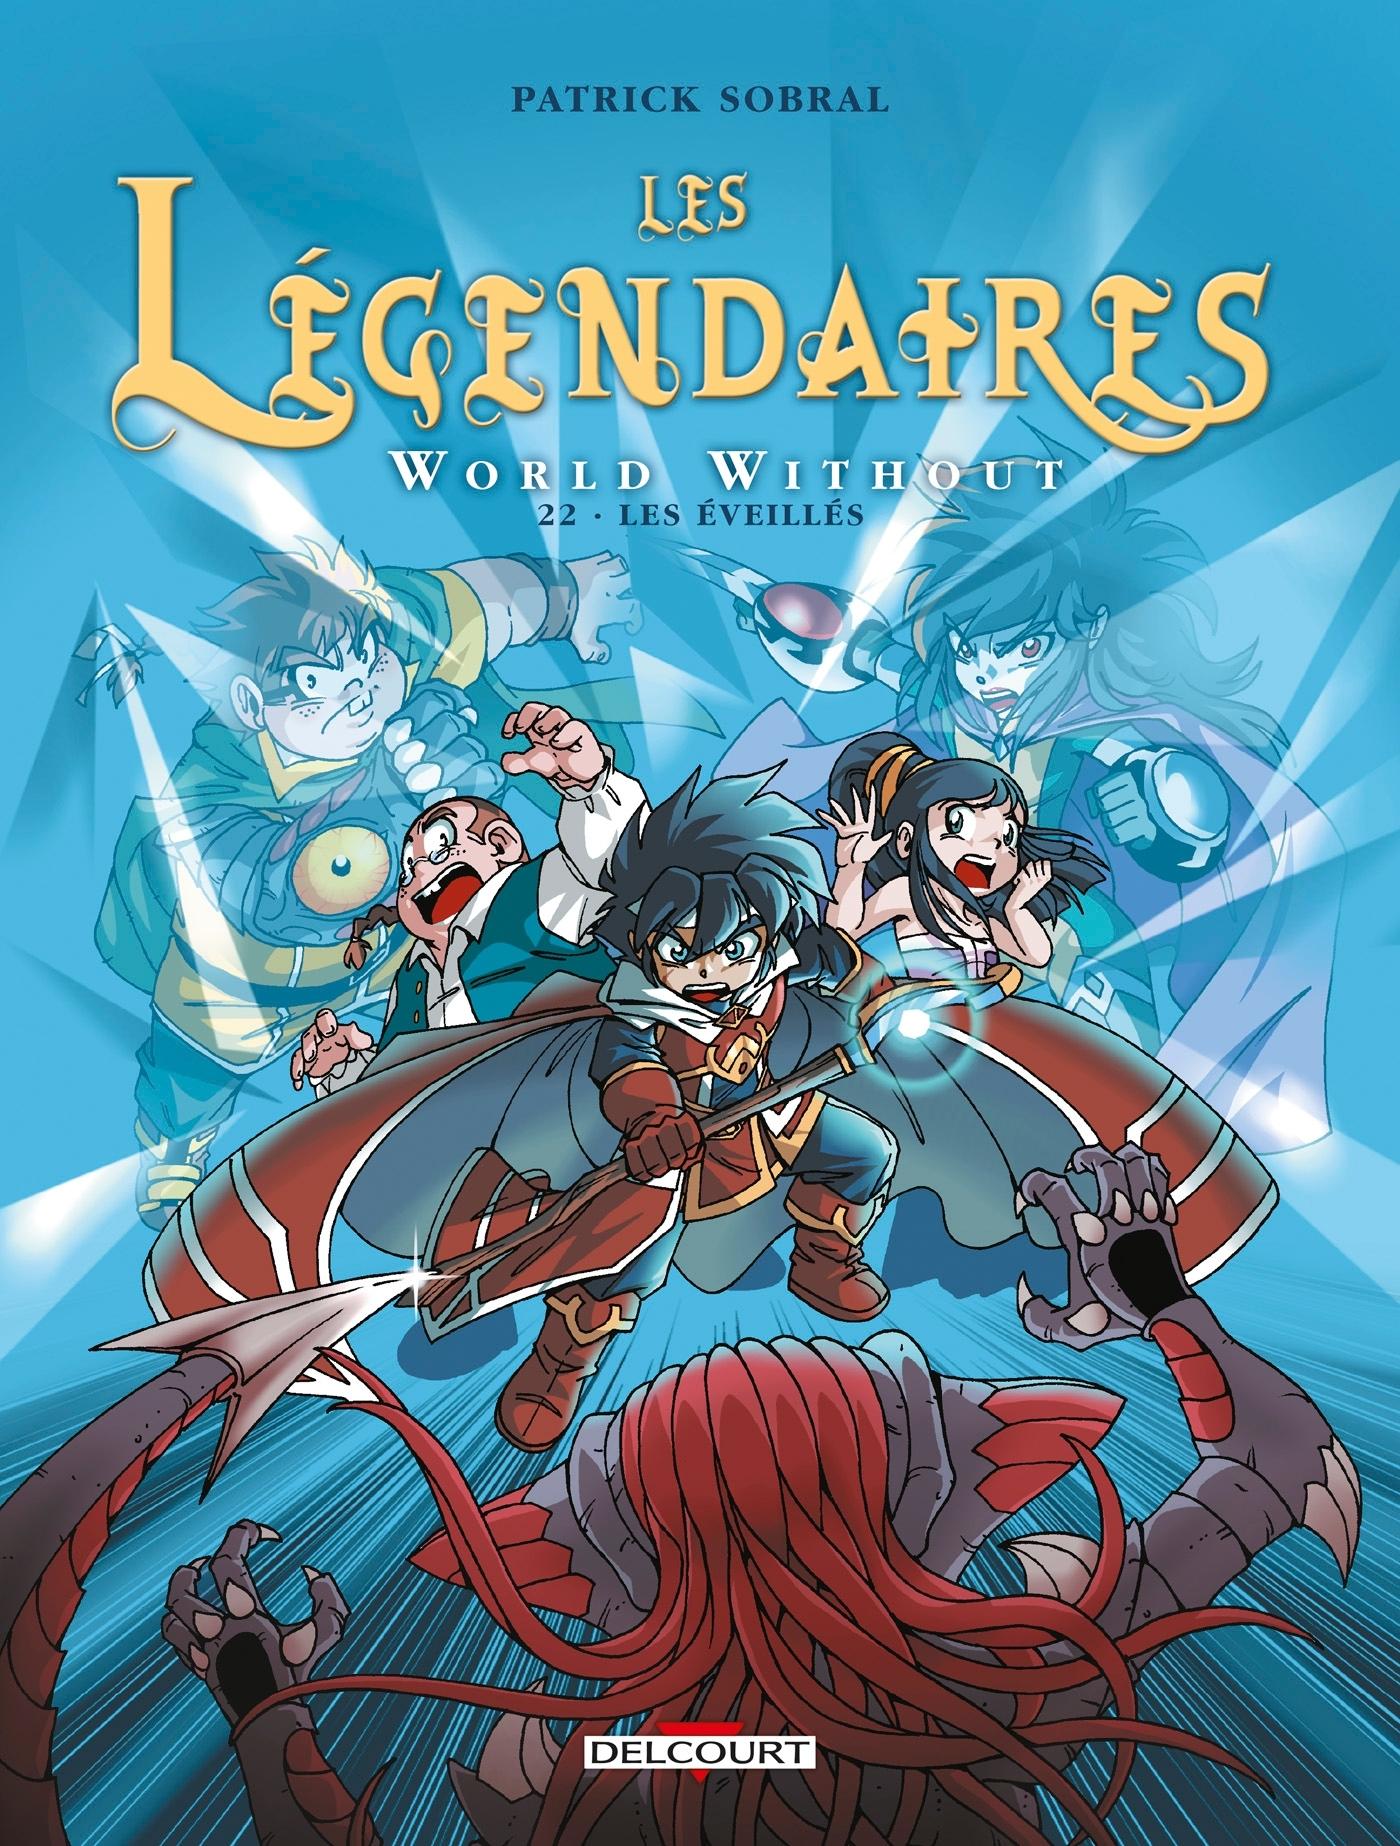 LES LEGENDAIRES - T22 - LES LEGENDAIRES 22. WORLD WITHOUT : LES EVEILLES